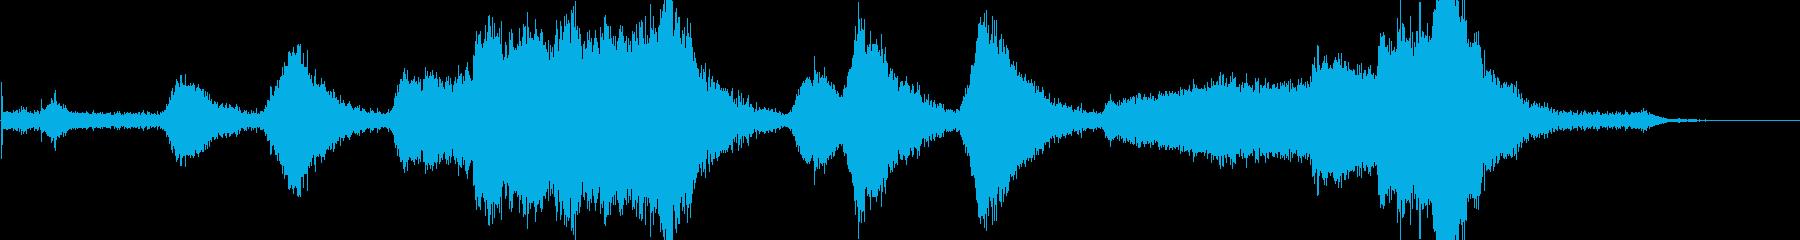 スカウトトラック:開始、回転、オフ。の再生済みの波形